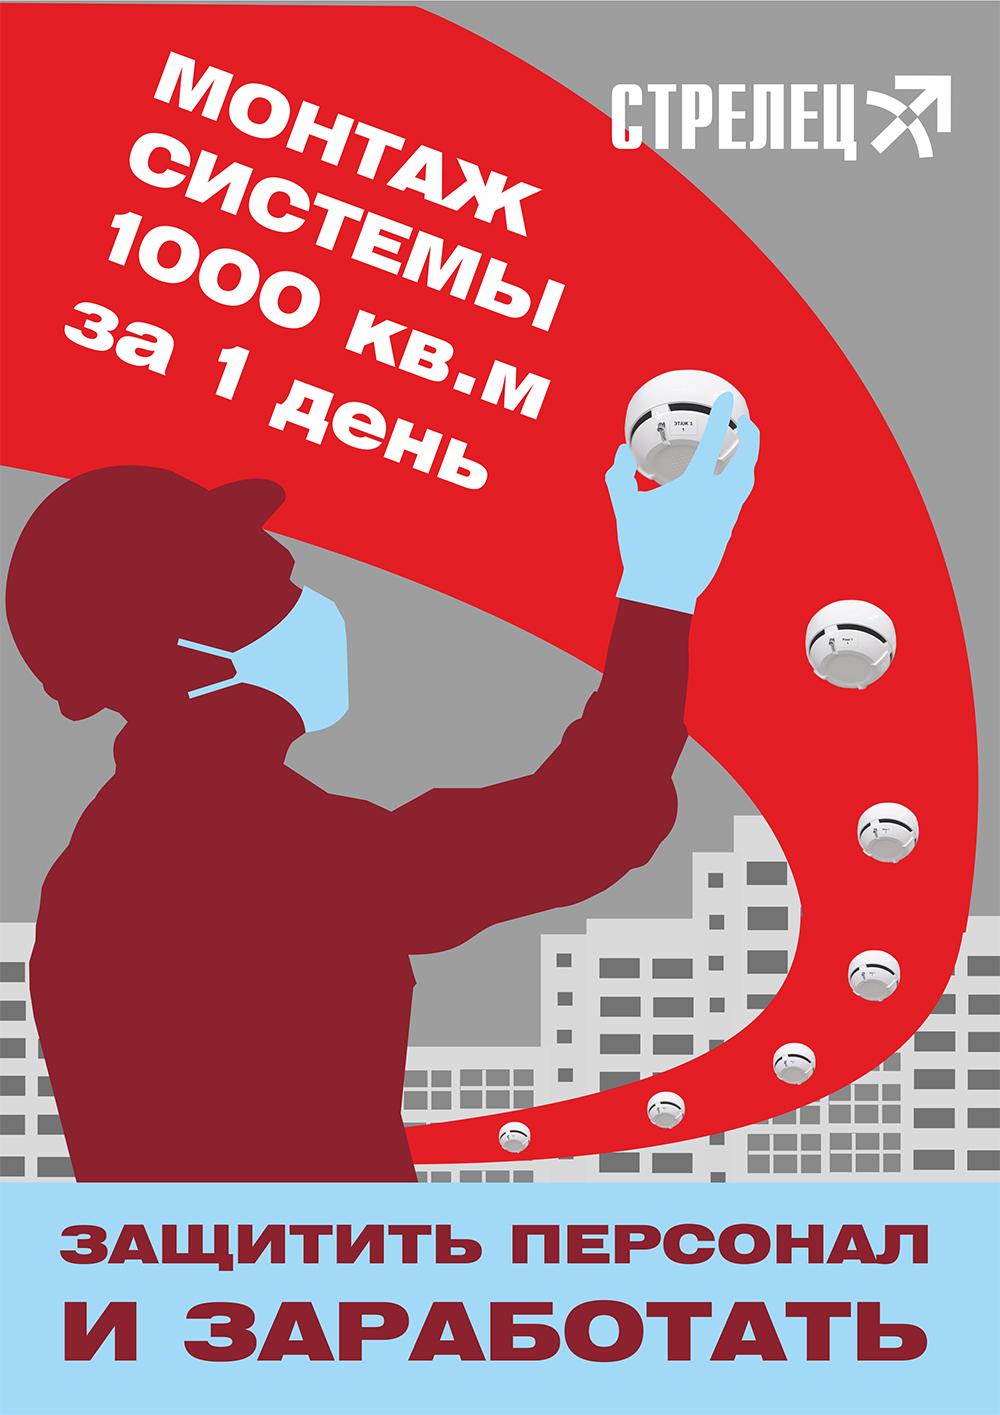 17 новых медцентров сданы в срок! За их пожарную безопасность отвечает